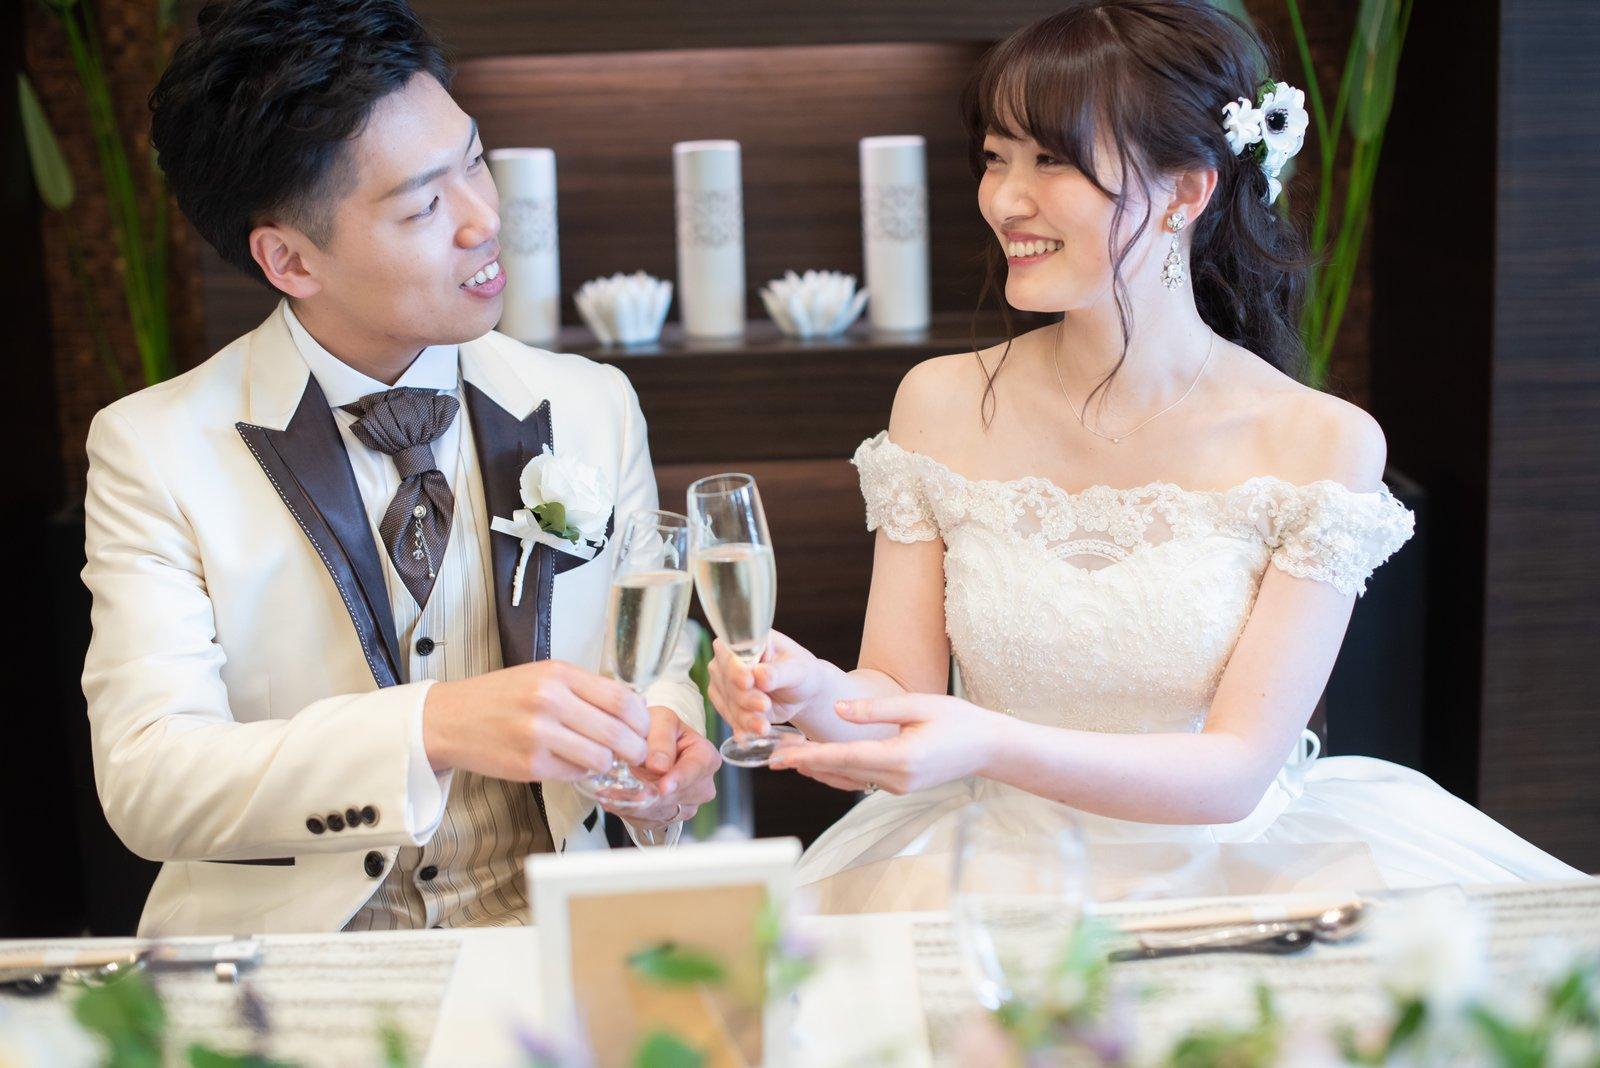 徳島市の結婚式場ブランアンジュのメインテーブルで乾杯する新郎新婦